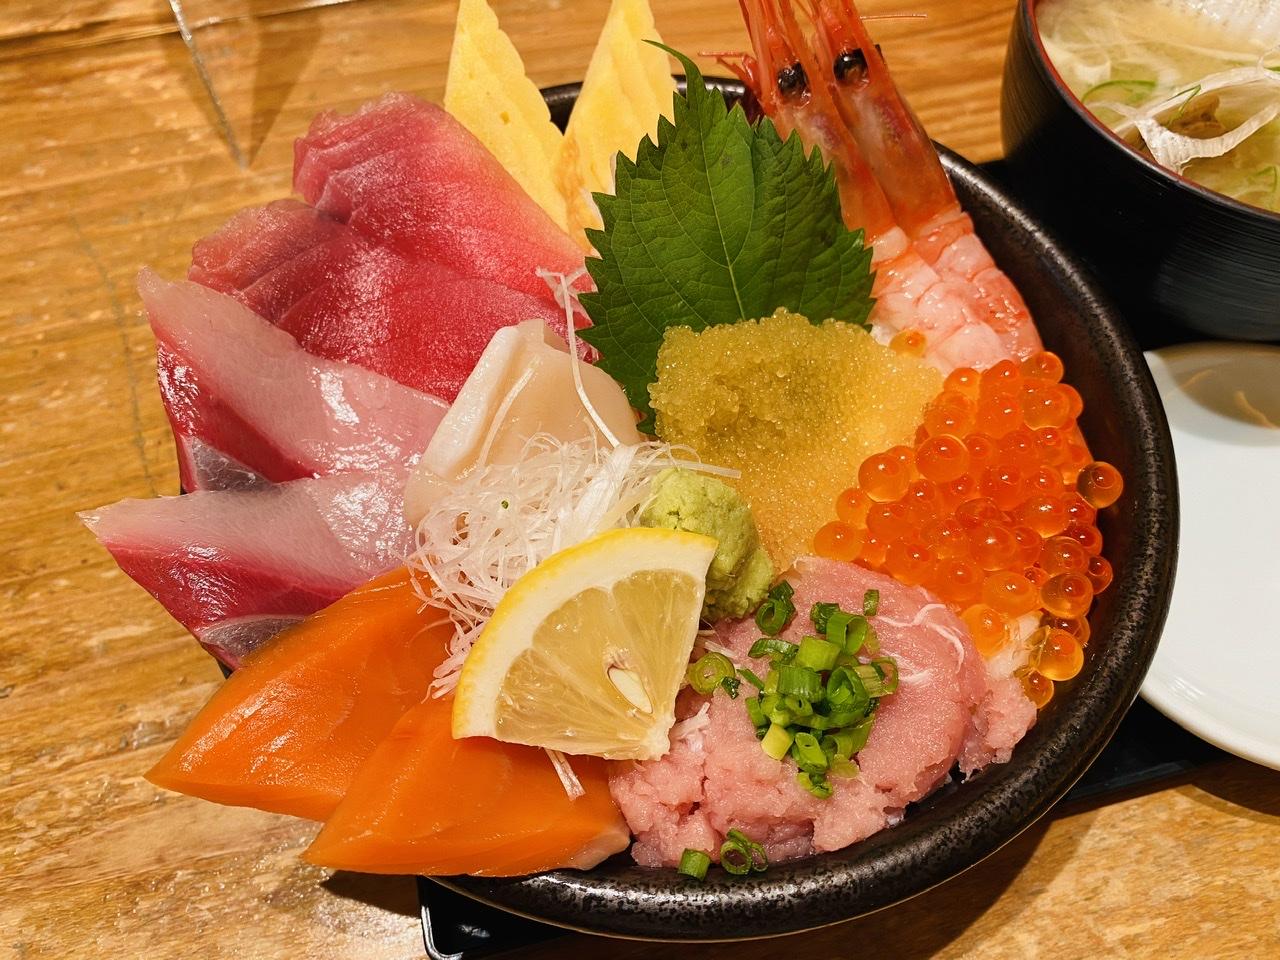 【新千歳空港グルメ】本場の海鮮丼を食べるならココ!鮮魚店直営《どんぶり茶屋》★_7